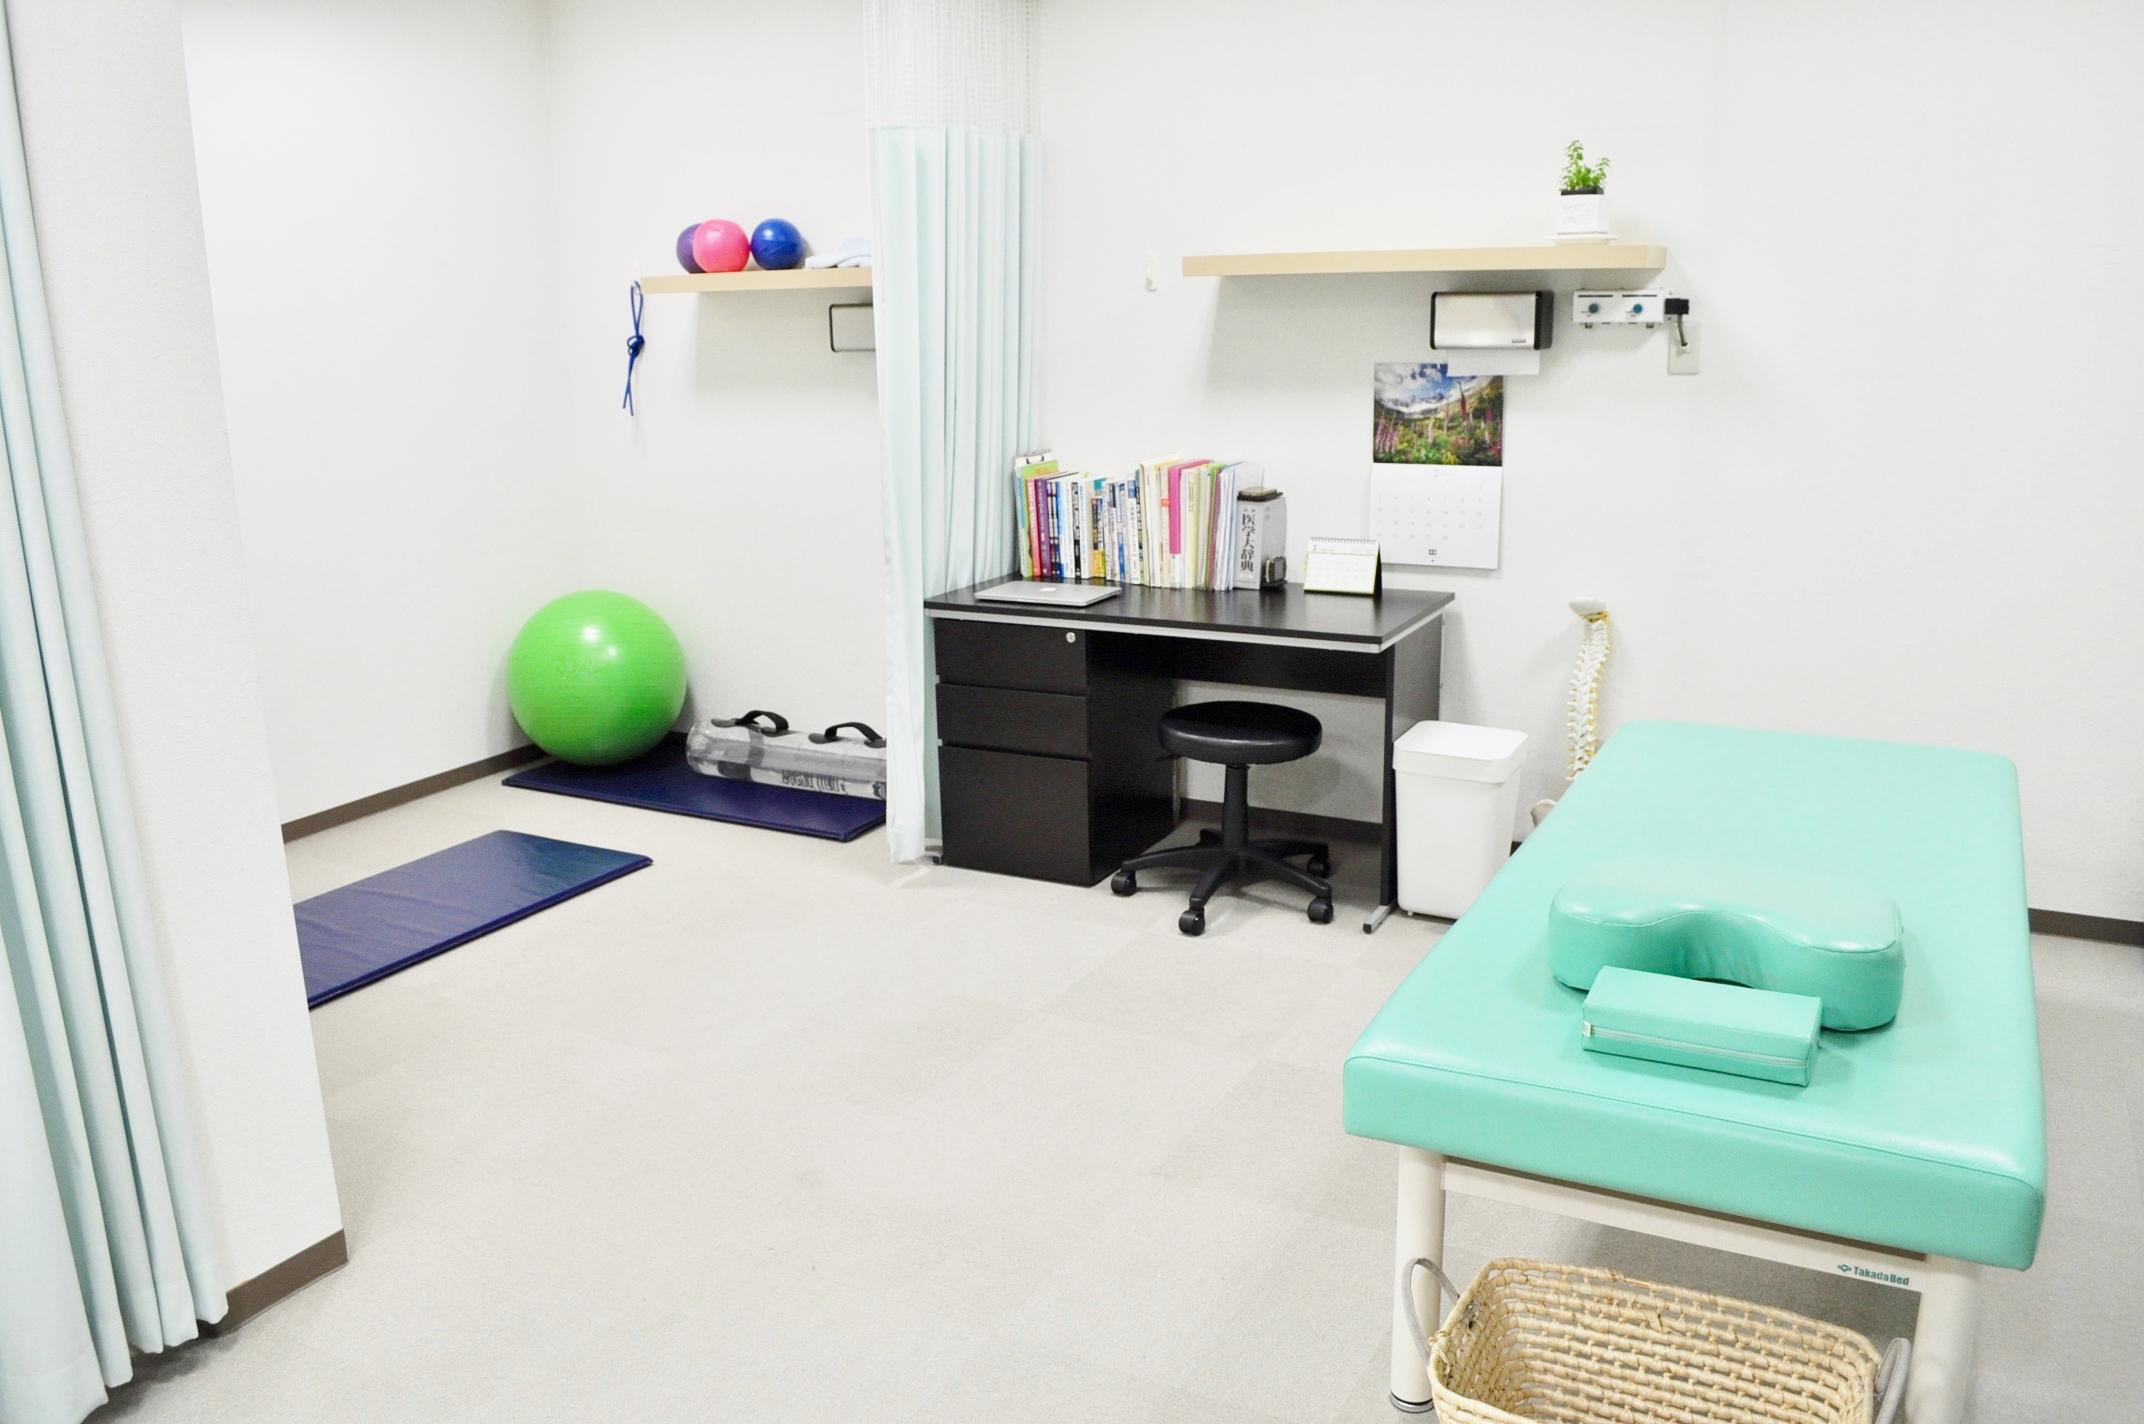 日常生活・仕事内容を丁寧にカウンセリングして、腰痛の原因を見極めて施術します!